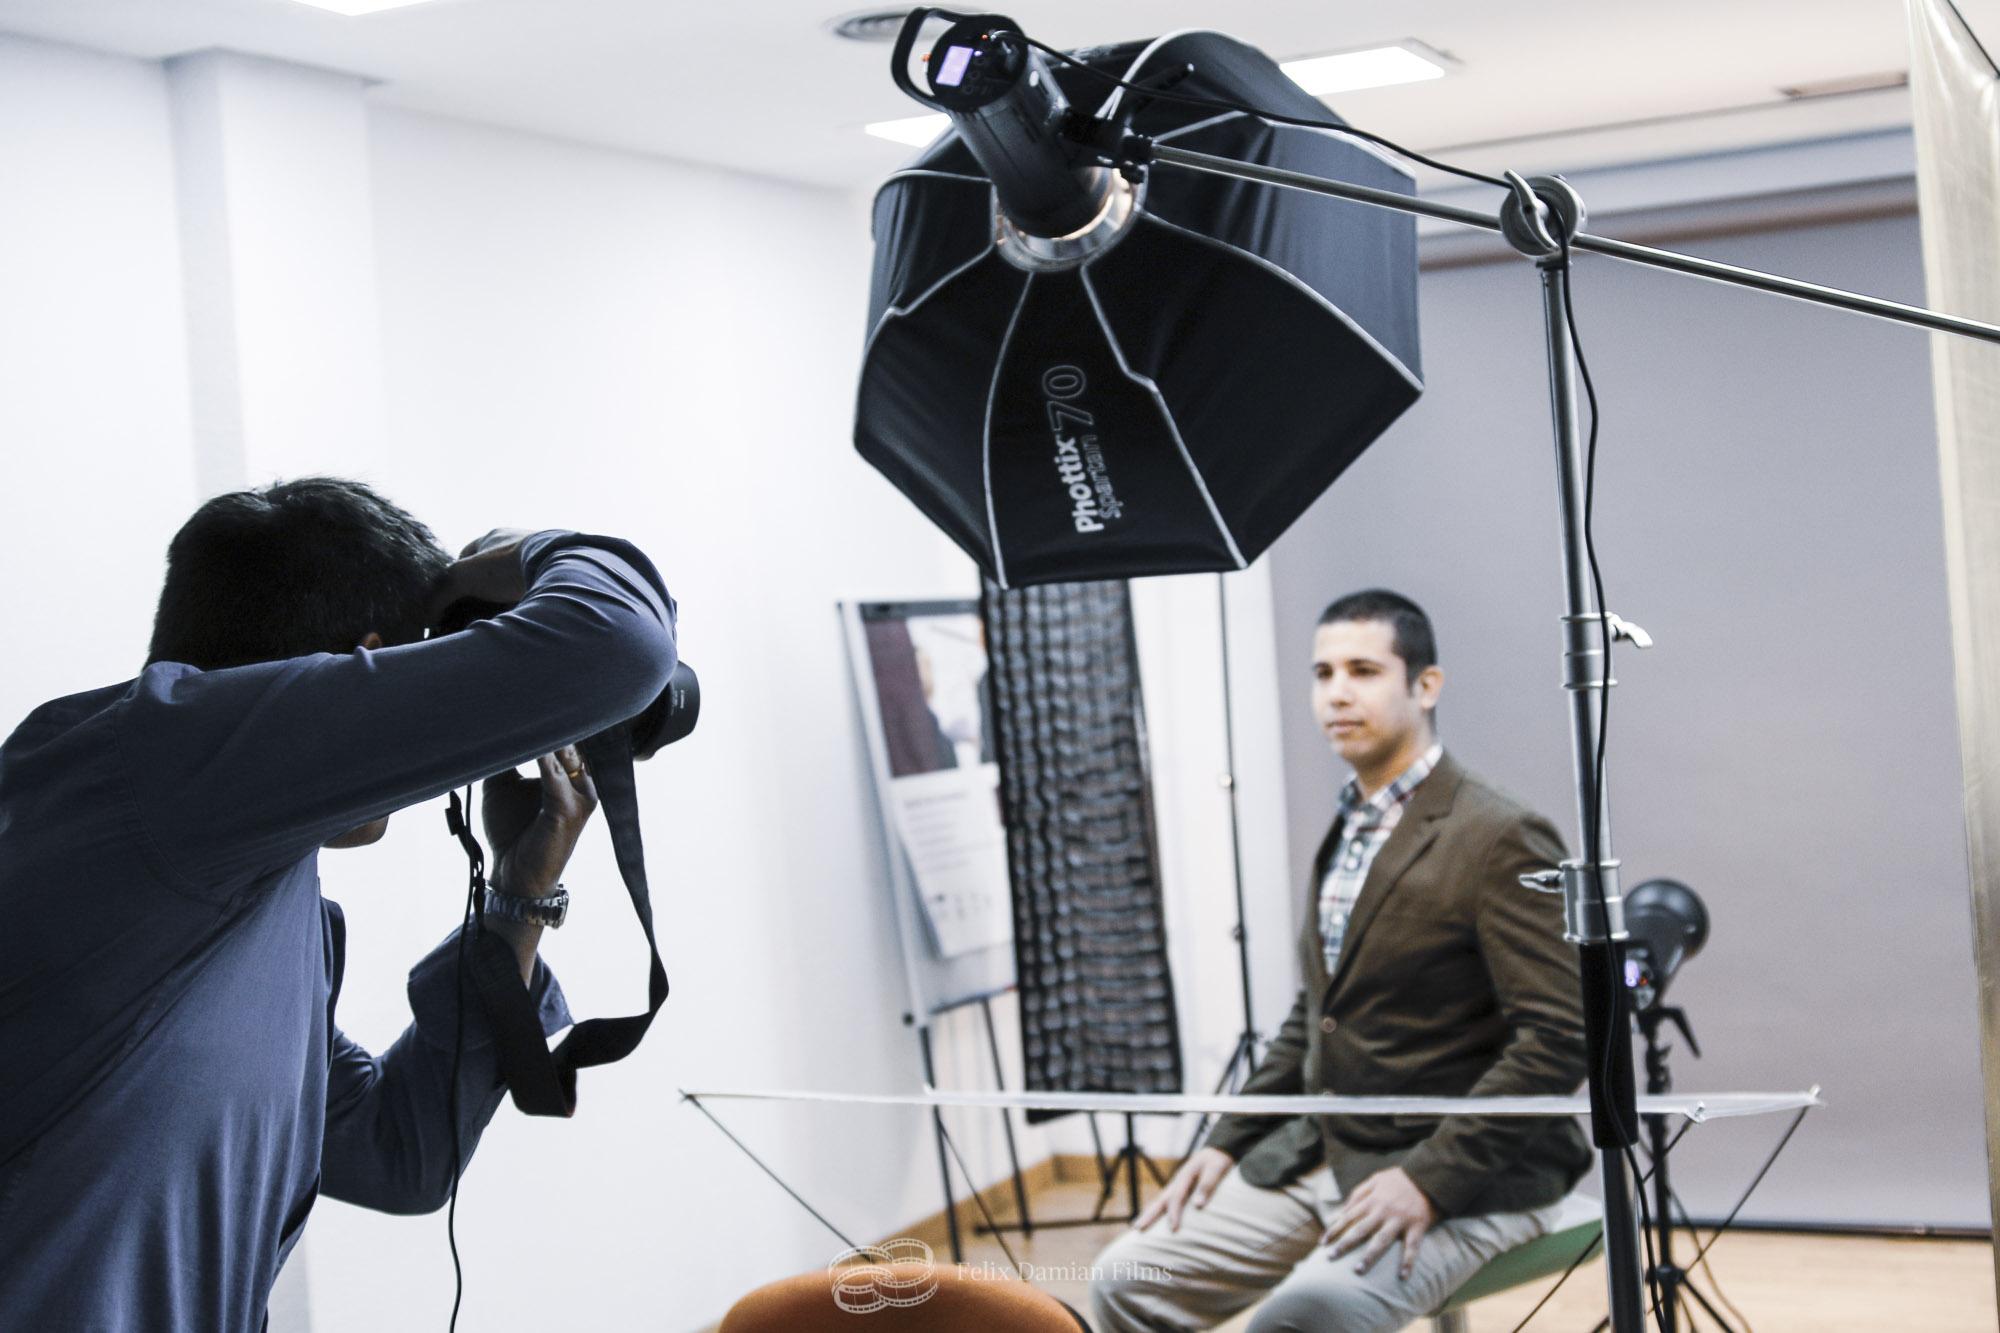 fotografo de retratos corporativos